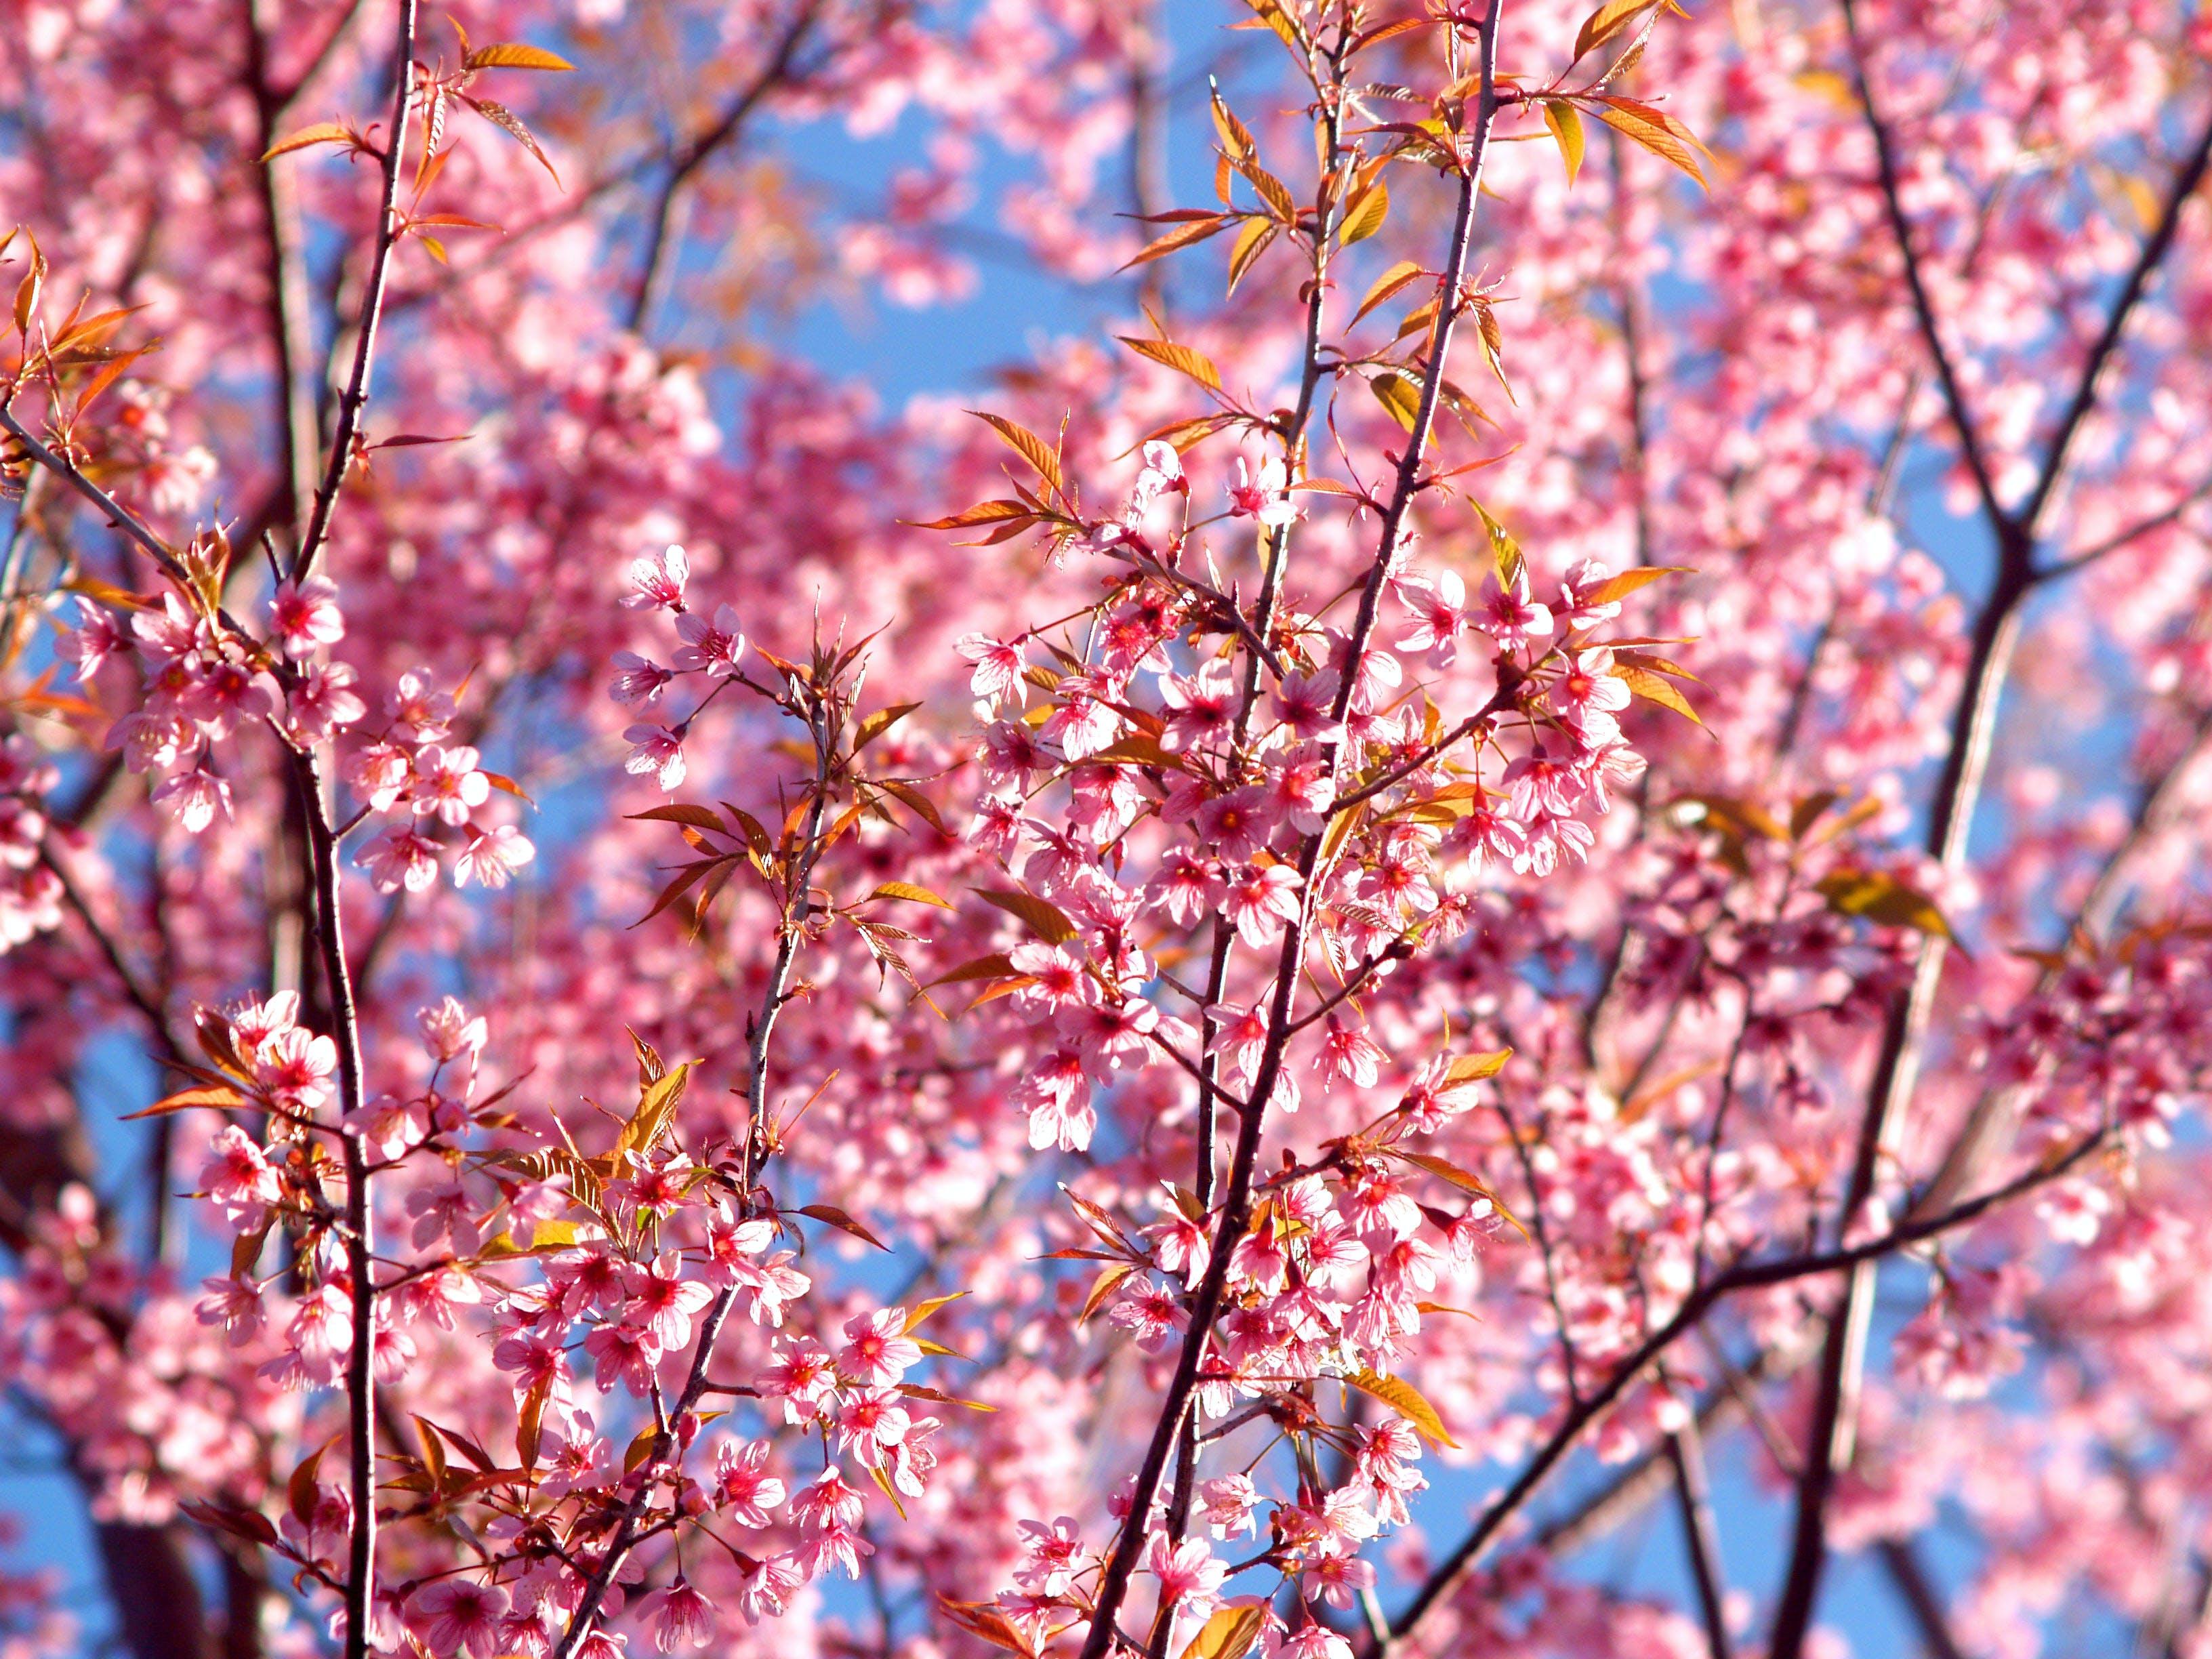 Pink Leafed Tree